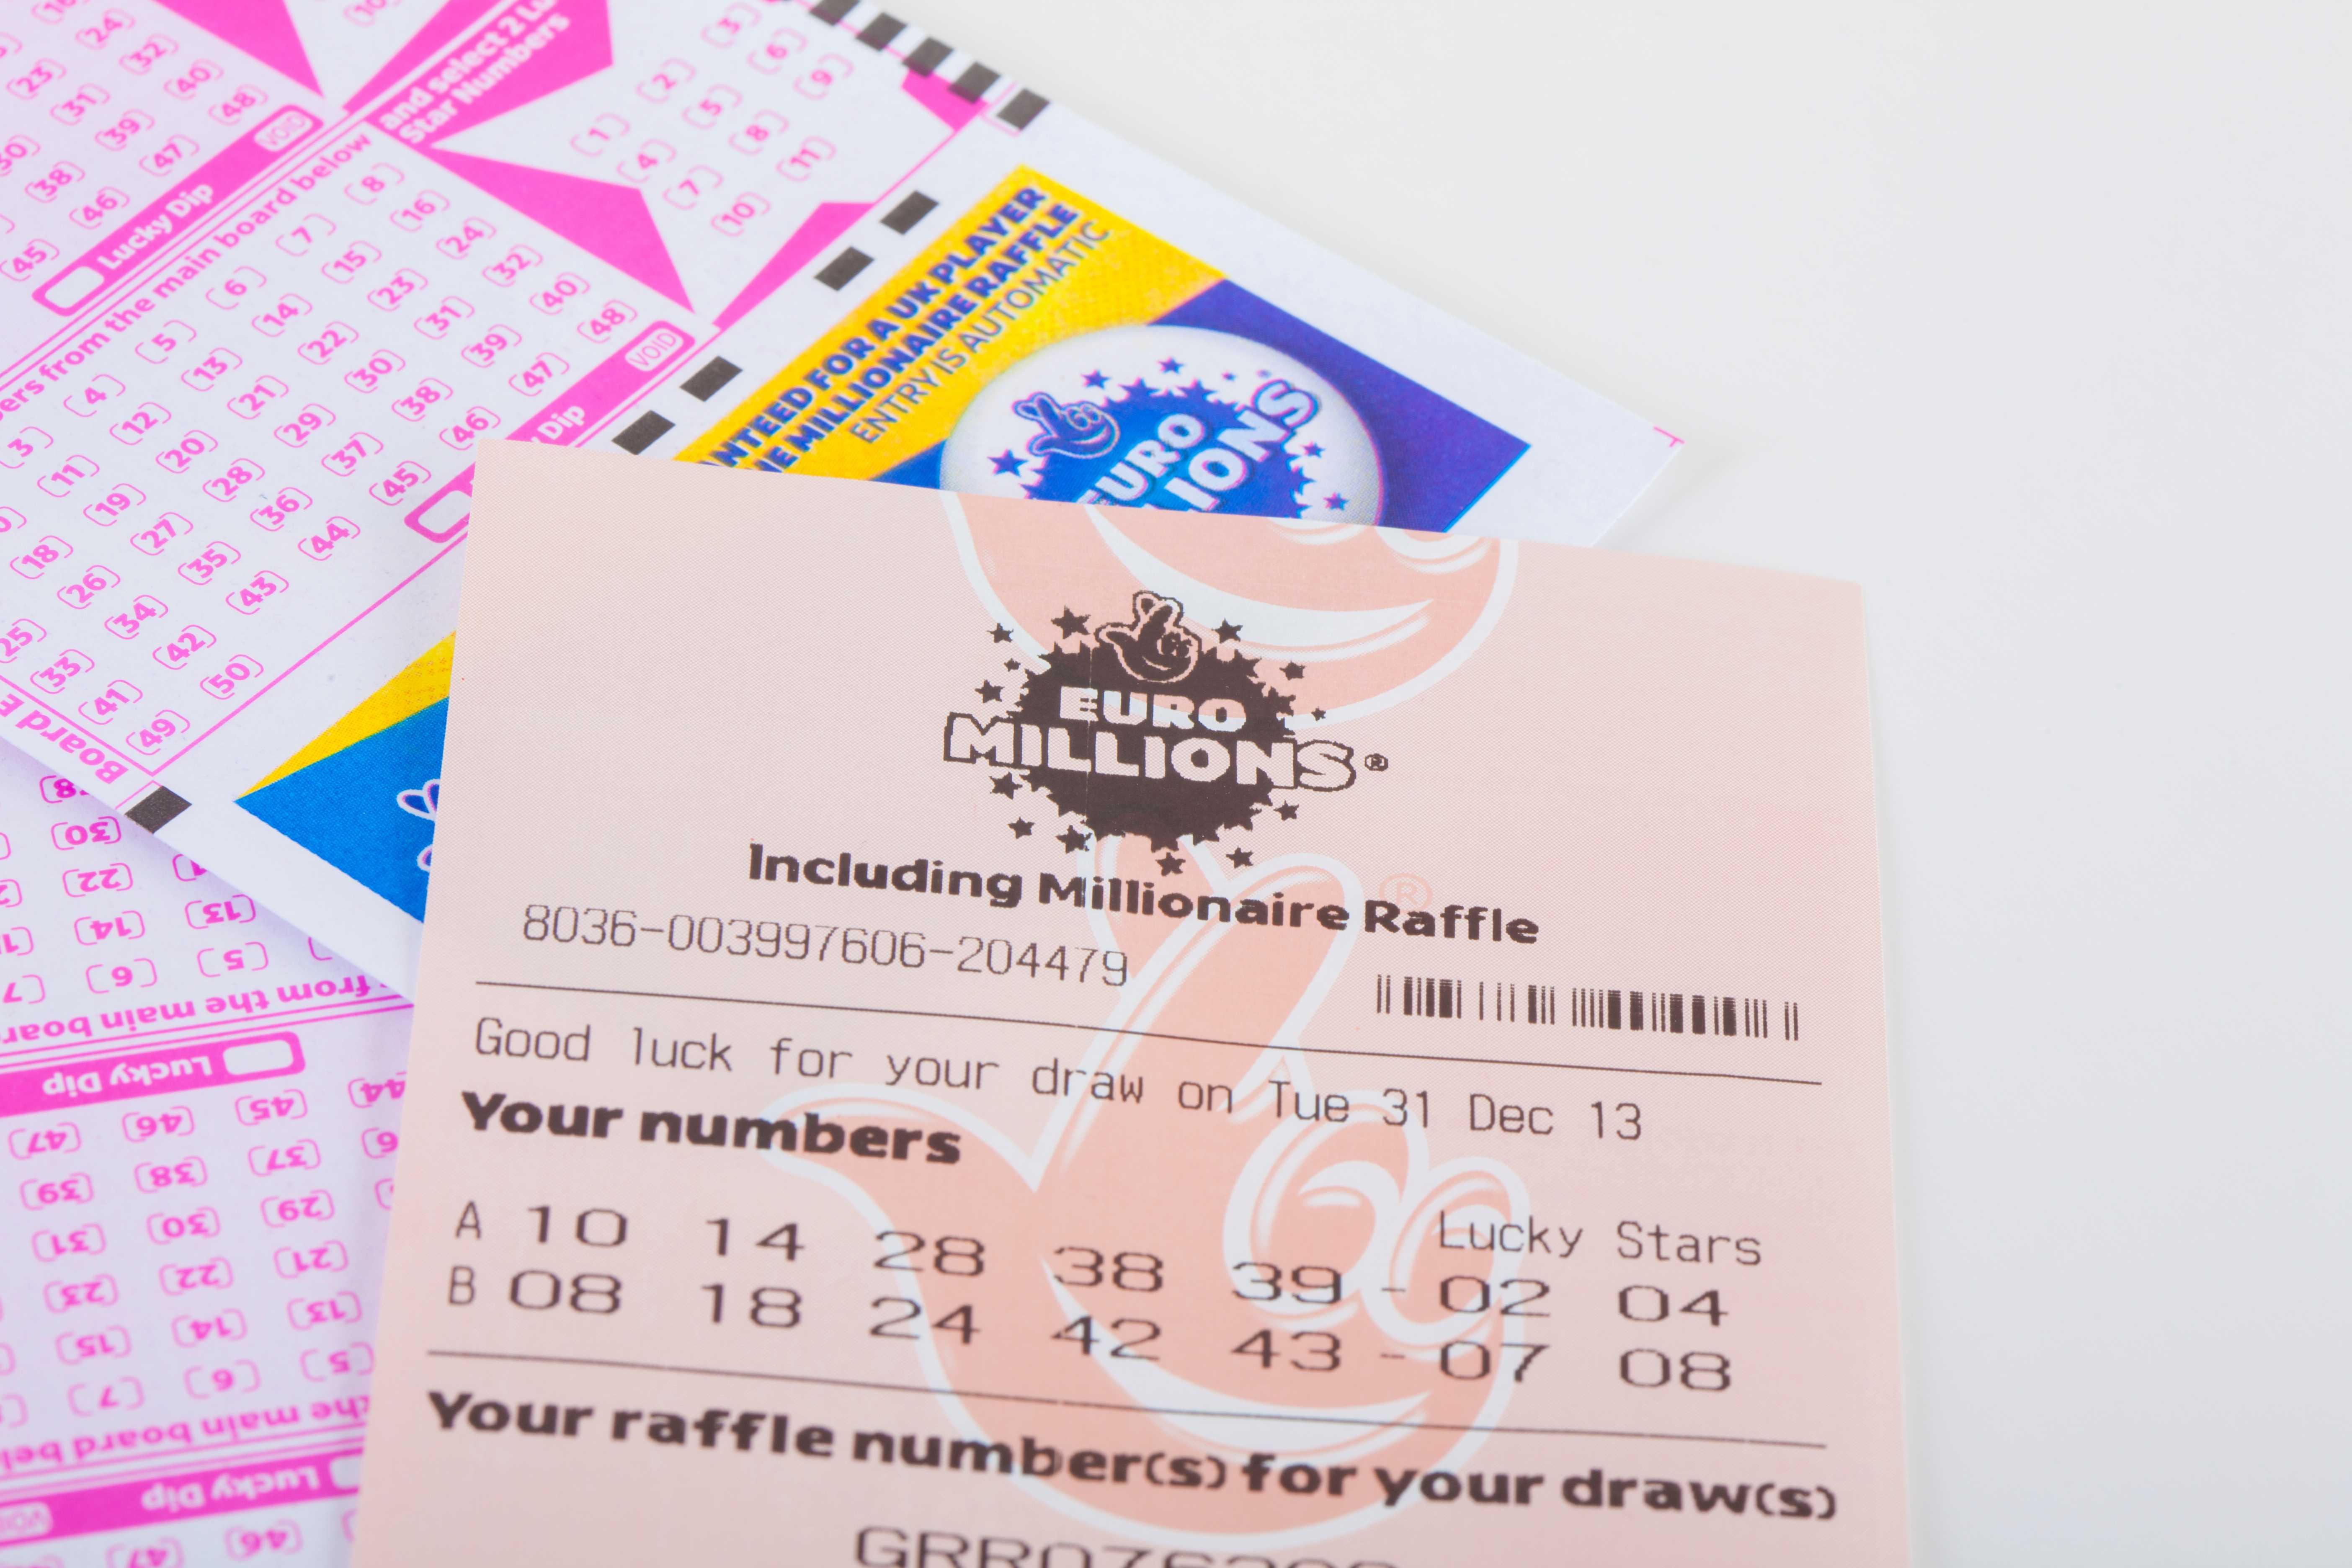 نصائح الفوز في Euromillions